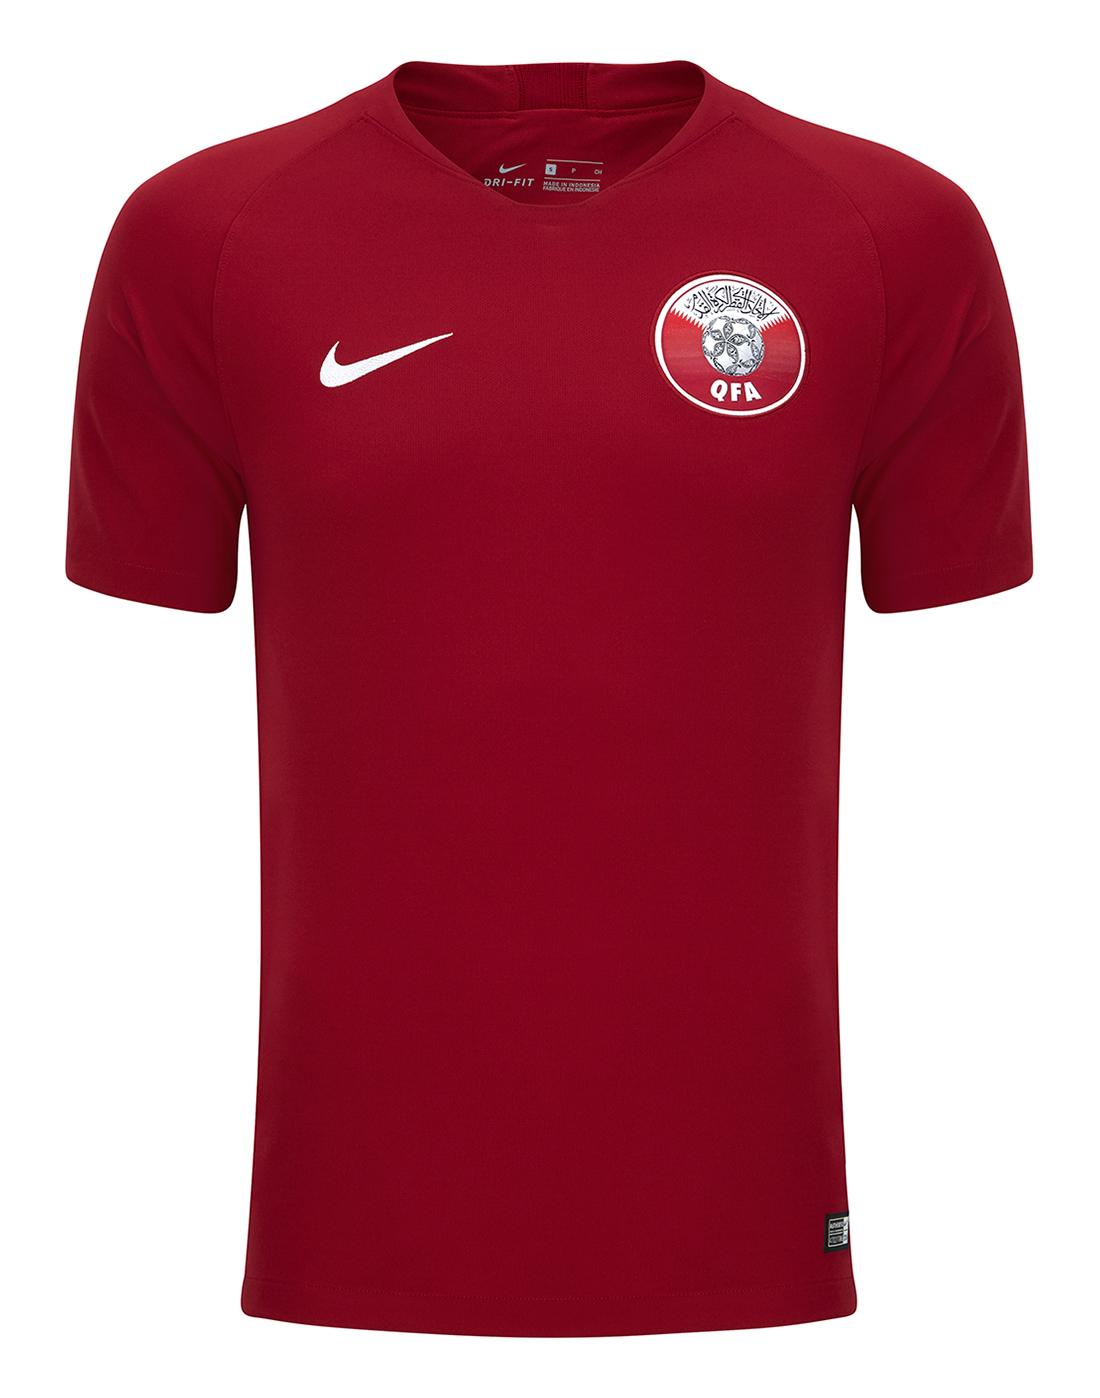 5d3b0d5fafb Nike Adult Qatar Home 18 19 Jersey